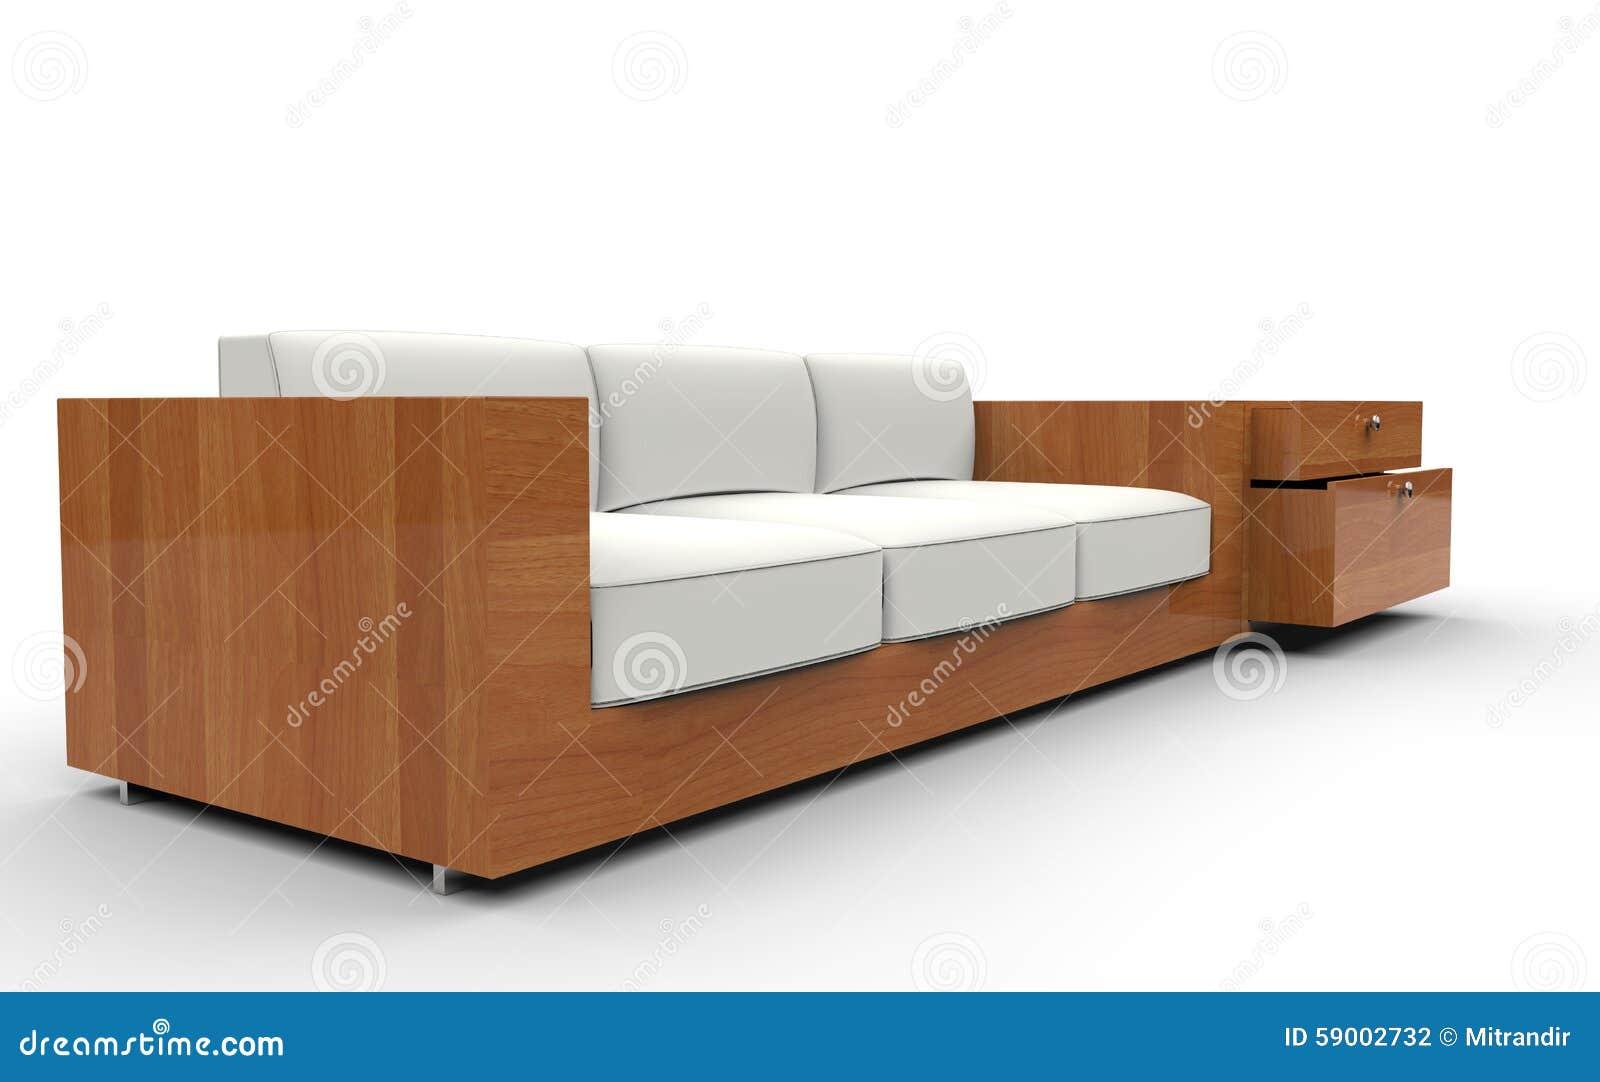 Sofá blanco de madera stock de ilustración. Ilustración de living ...